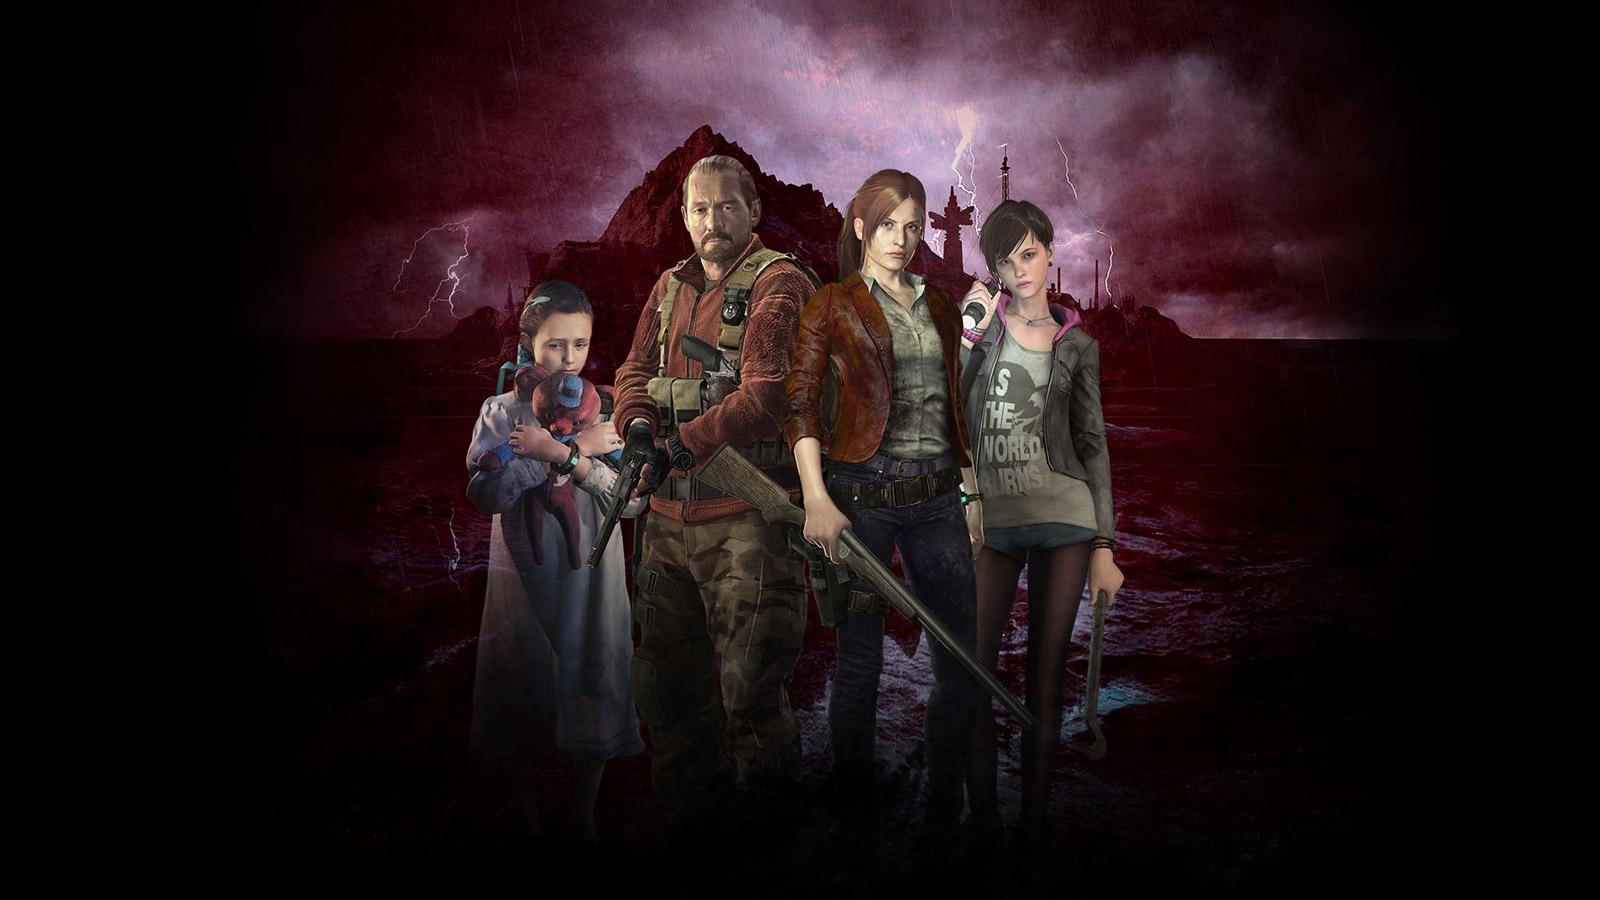 Resident Evil: Revelations 2 Wallpaper in 1600x900